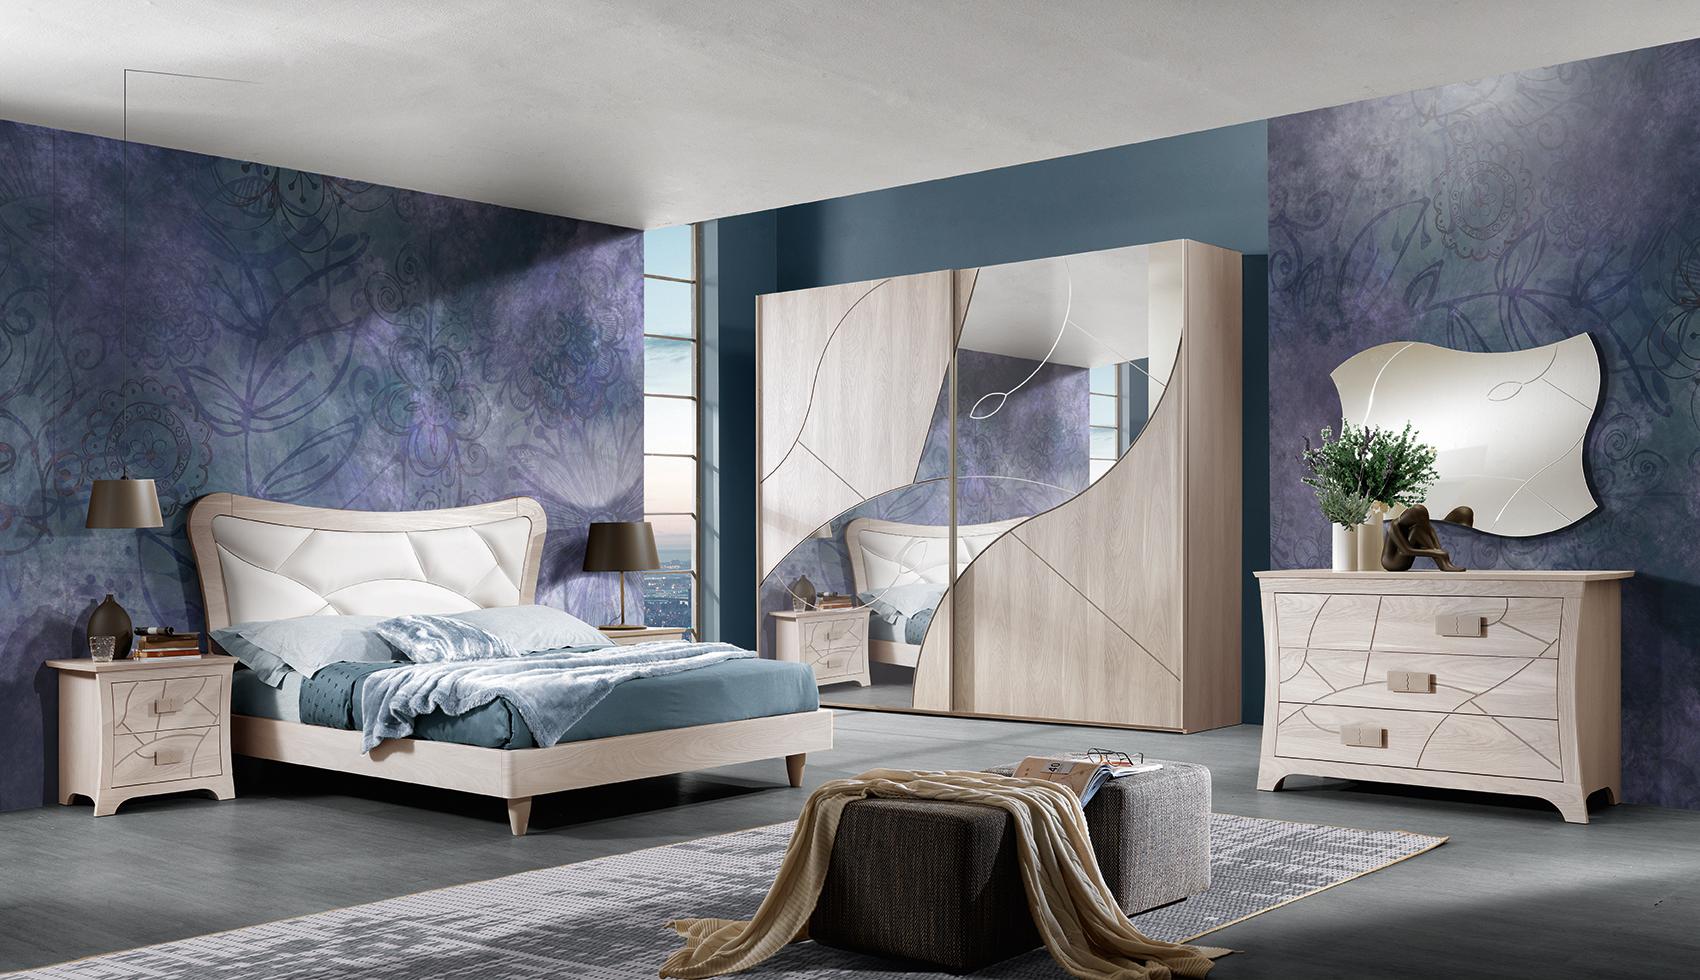 صورة غرف نوم مودرن 2019 كامله , احدث التصميمات لغرف النوم المودرن كامله للعرسان